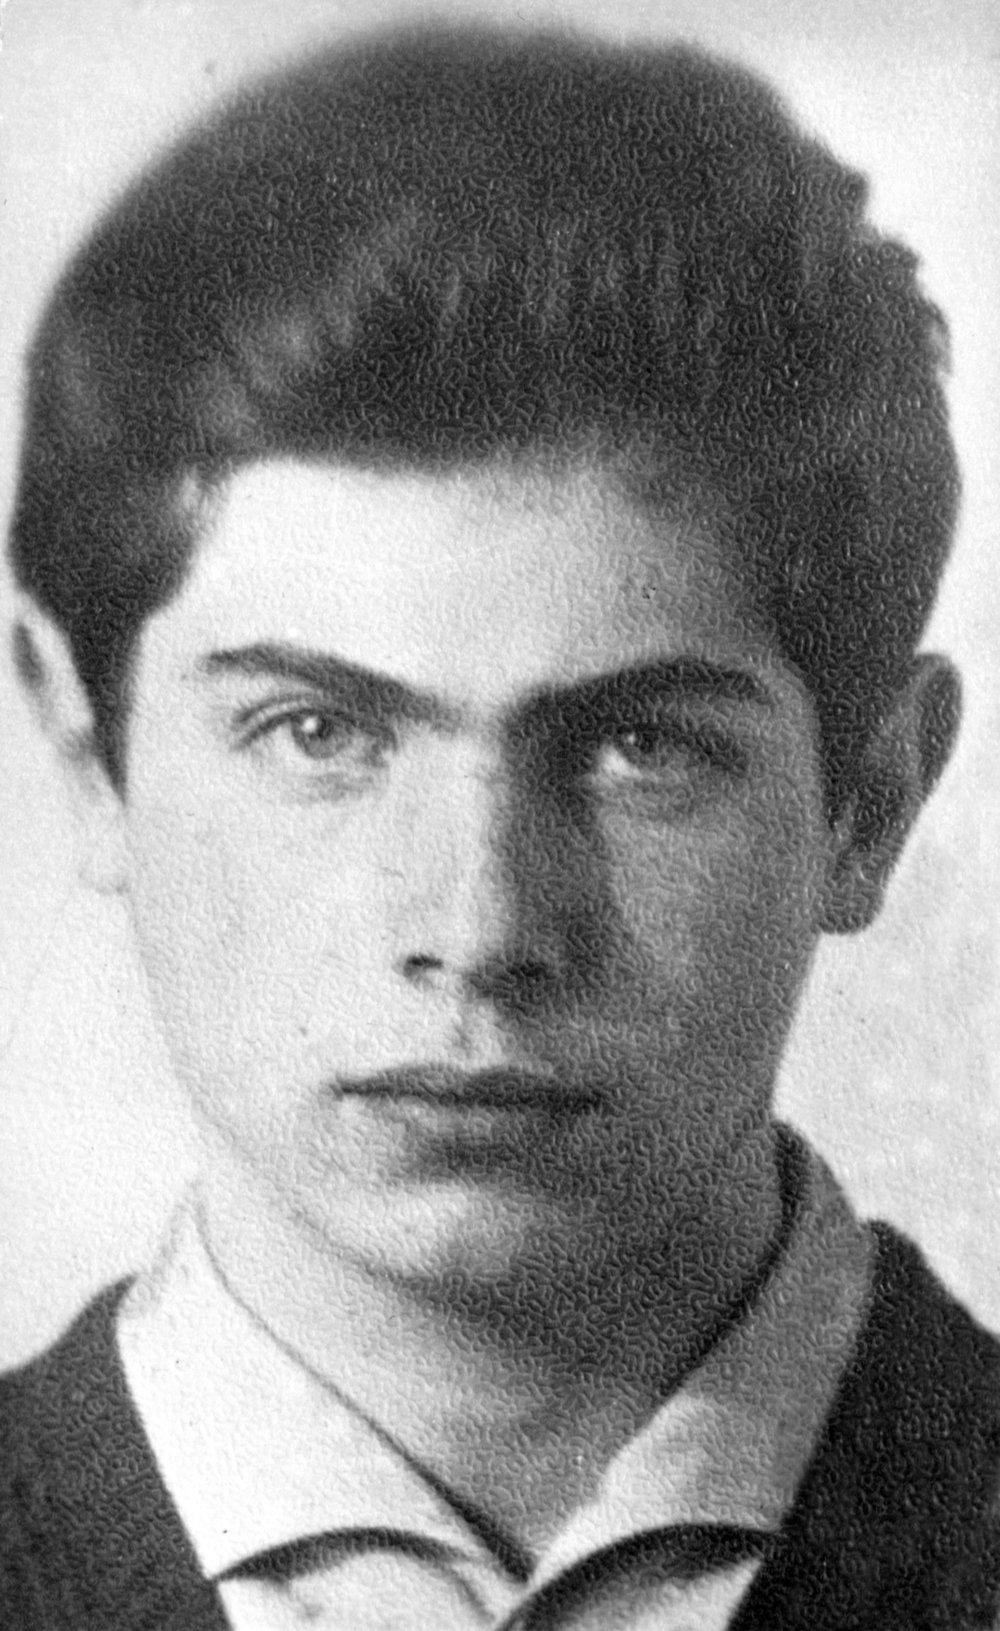 Юрий Штерн  Вел в ЭМШ спецкурс по математике в 1968-1969 году.